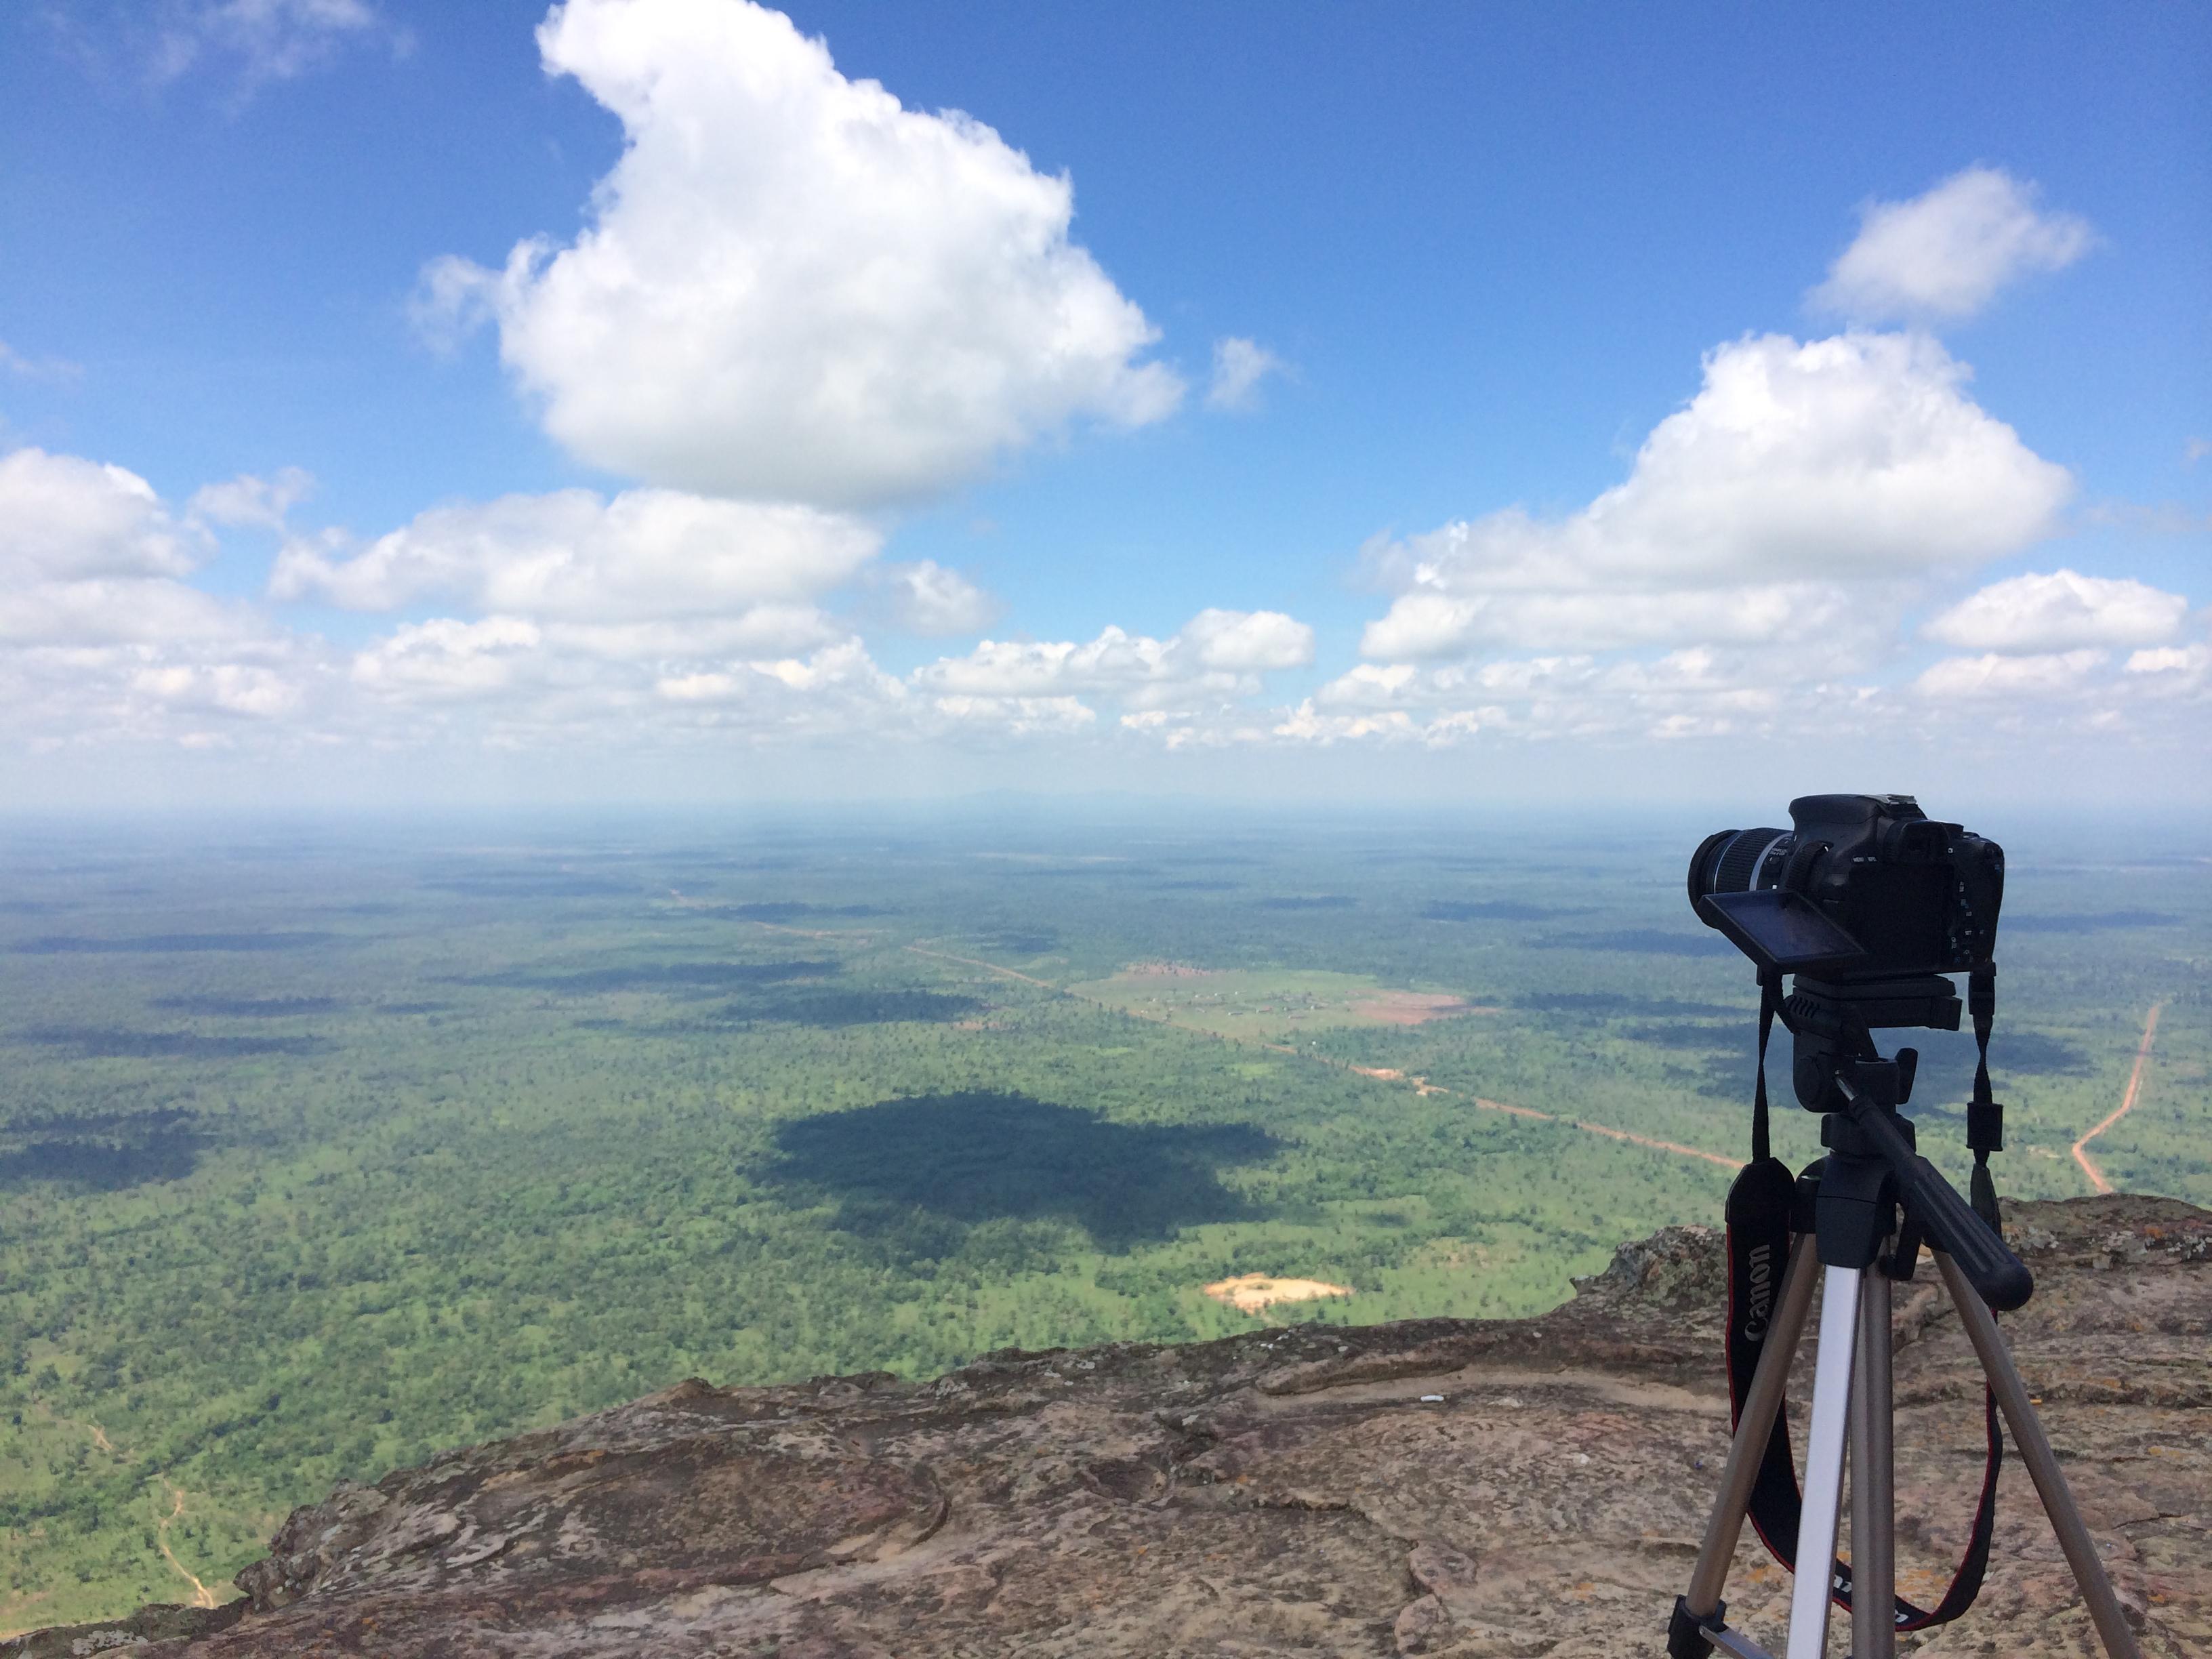 シェムリアップ(カンボジア) / Siem Reap(Cambodia)